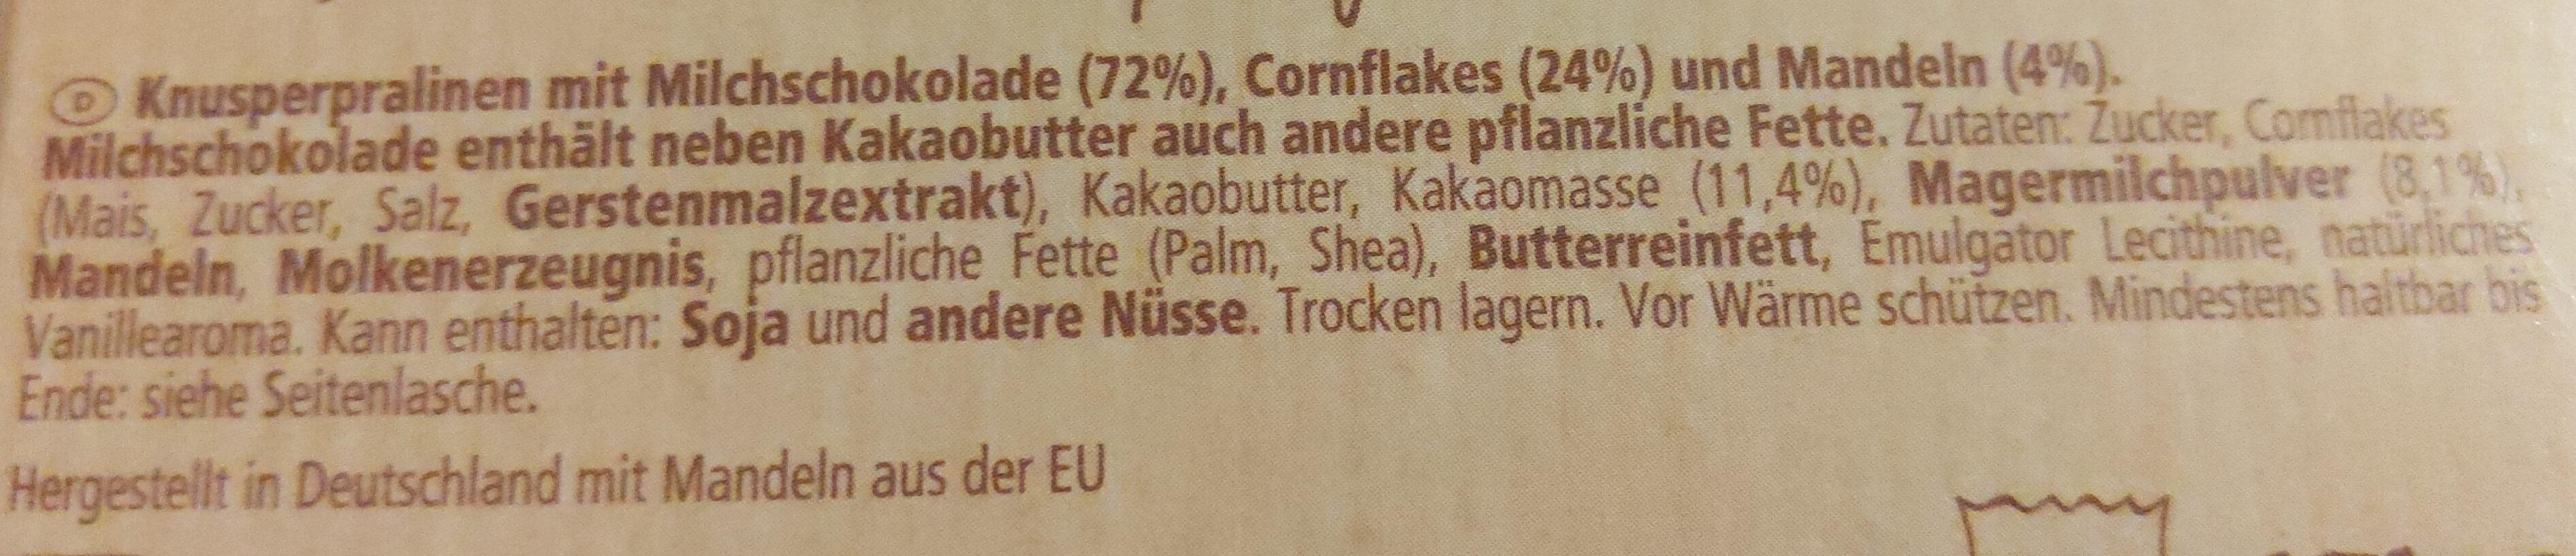 Choco Crossies Original - Ingrediënten - de